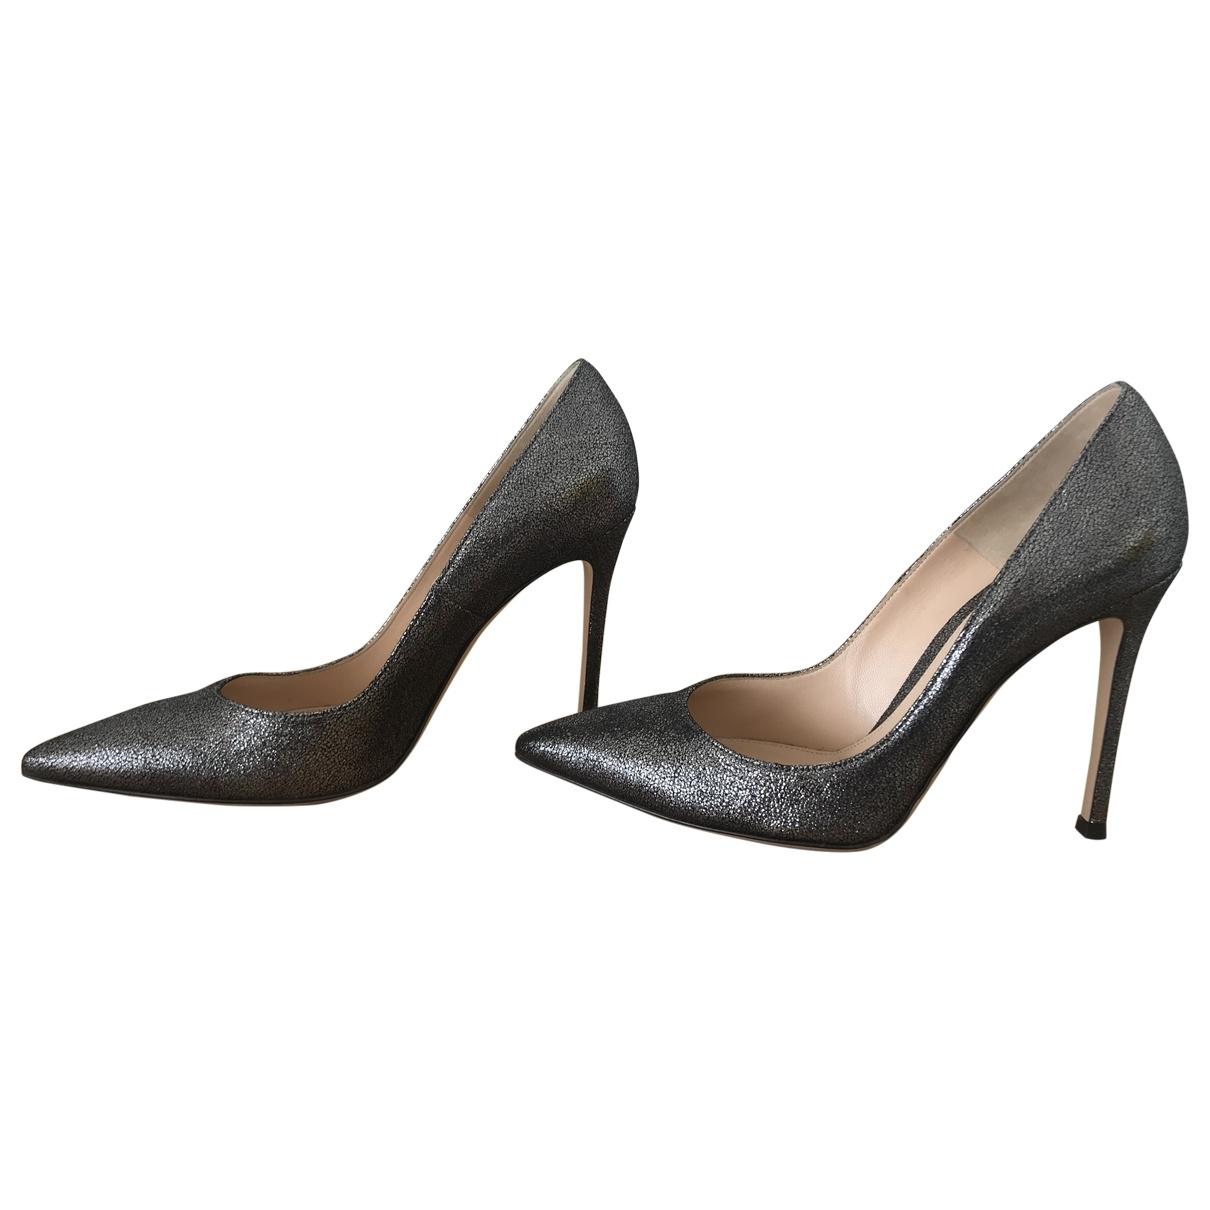 Gianvito Rossi Gianvito Anthracite Glitter Heels for Women 37.5 EU